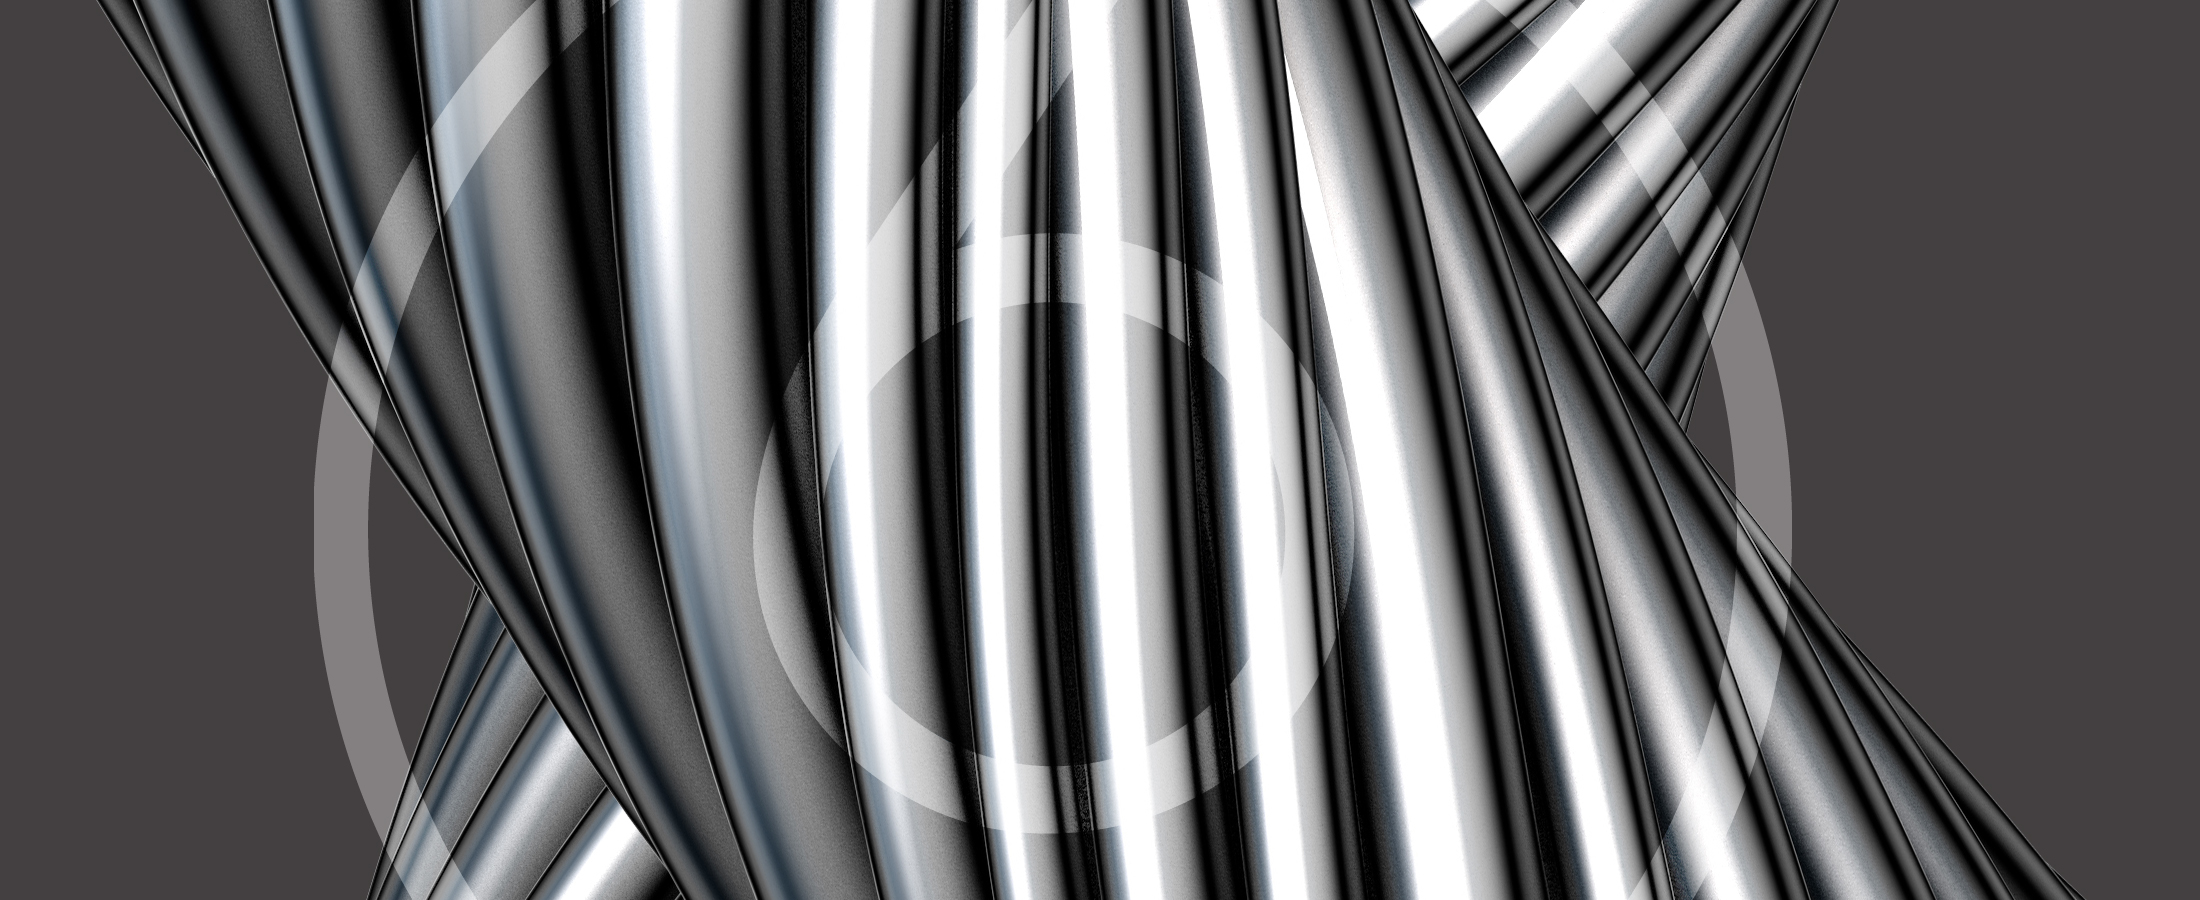 black-rhodium-main-picture-1.jpg